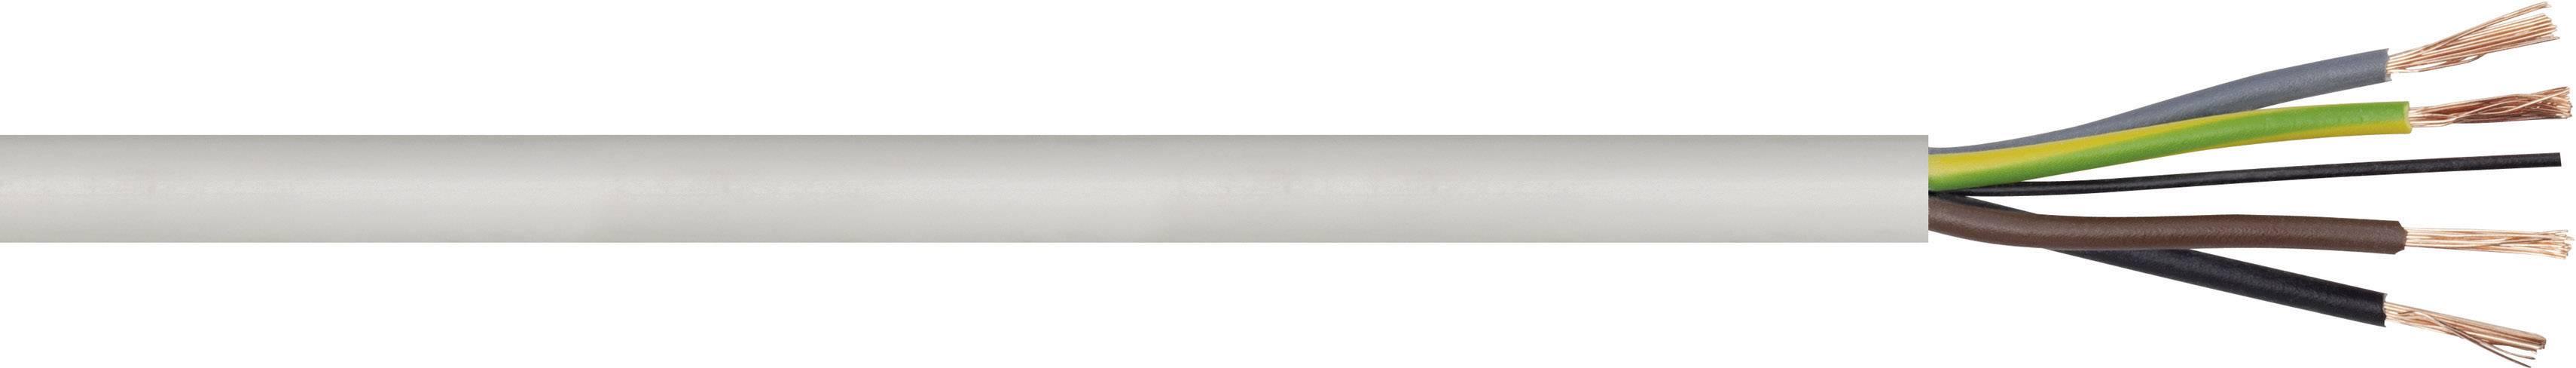 Vícežílový kabel LappKabel H03VV-F, 49900069, 4 x 0.75 mm², bílá, metrové zboží